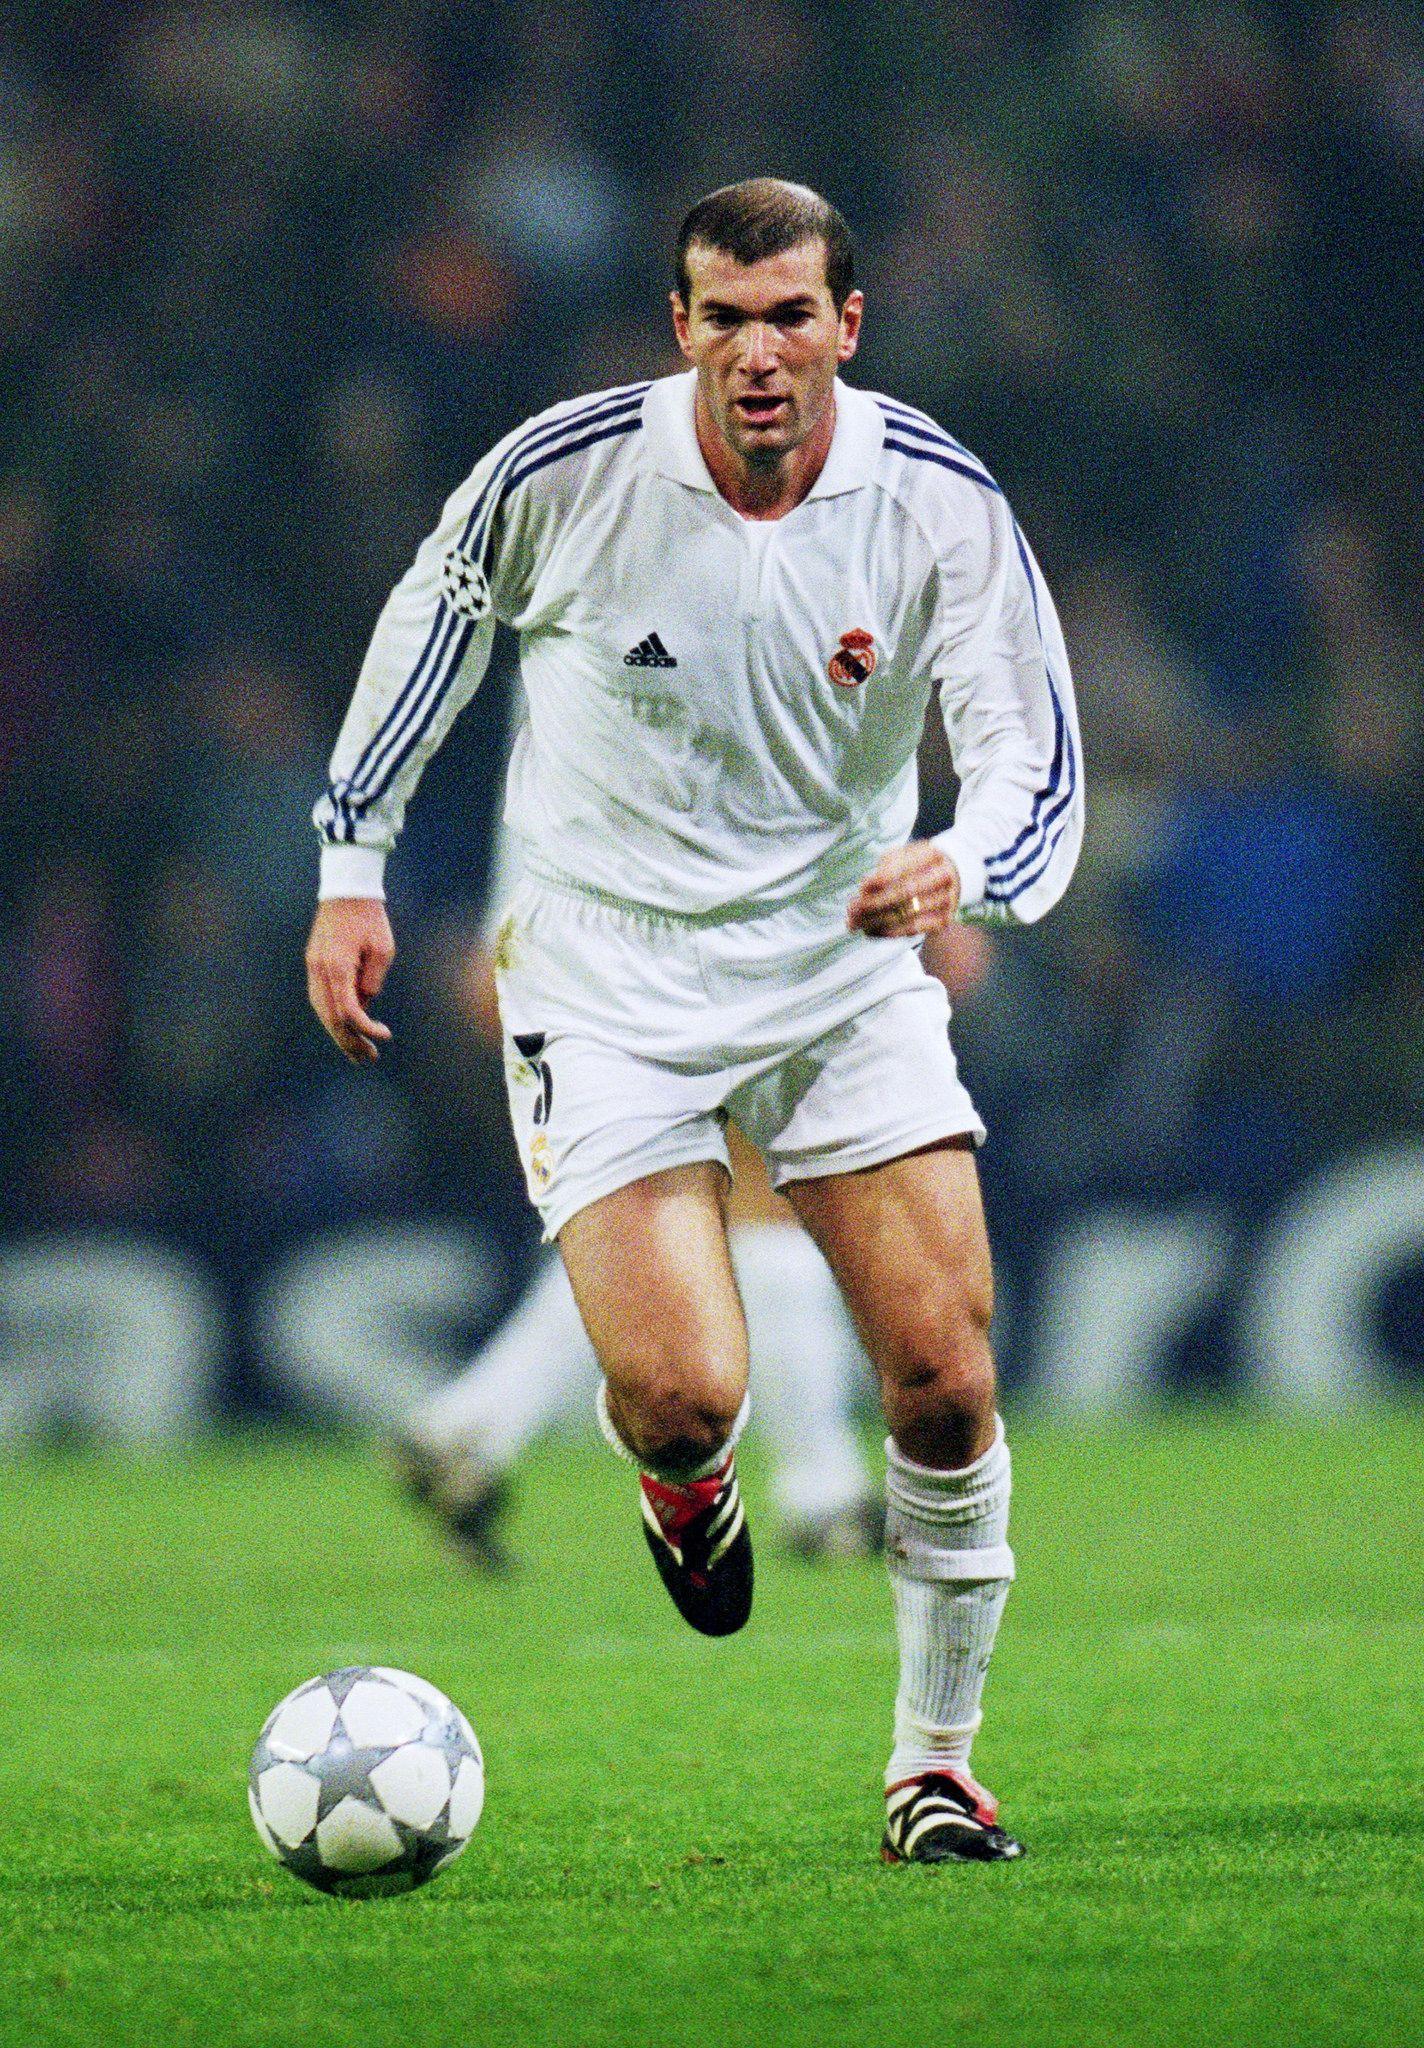 1802217p R Madrid V Panathina Real Madrid Football Real Madrid Football Club Zinedine Zidane